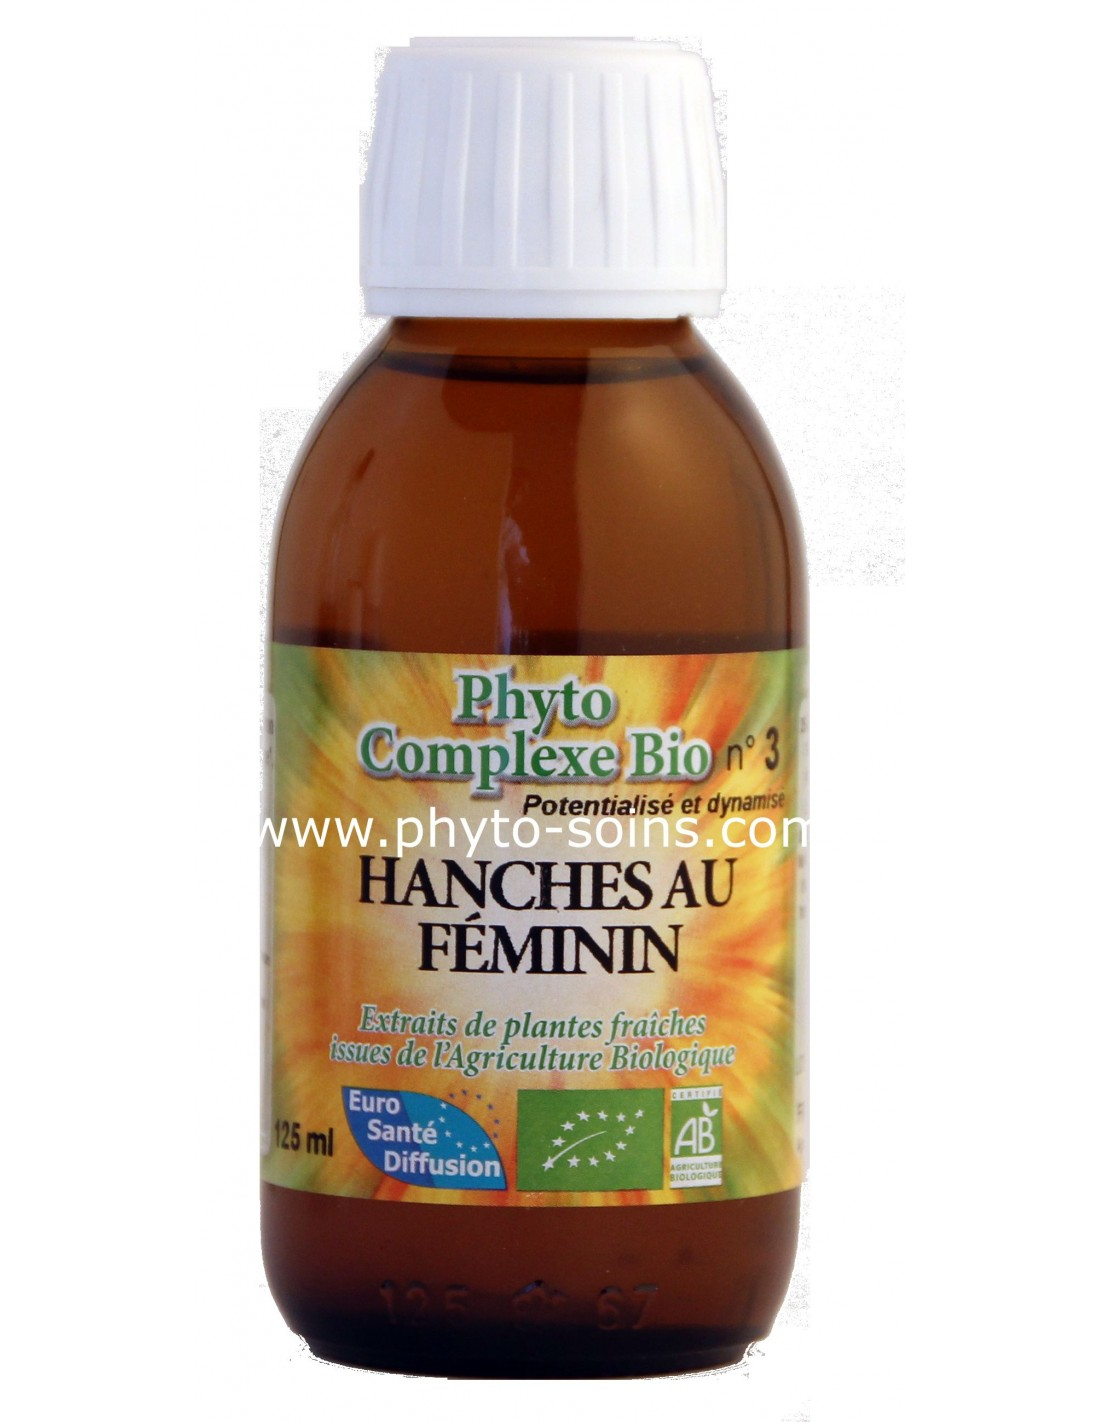 Hanches au féminin: les plantes contre la culotte de cheval